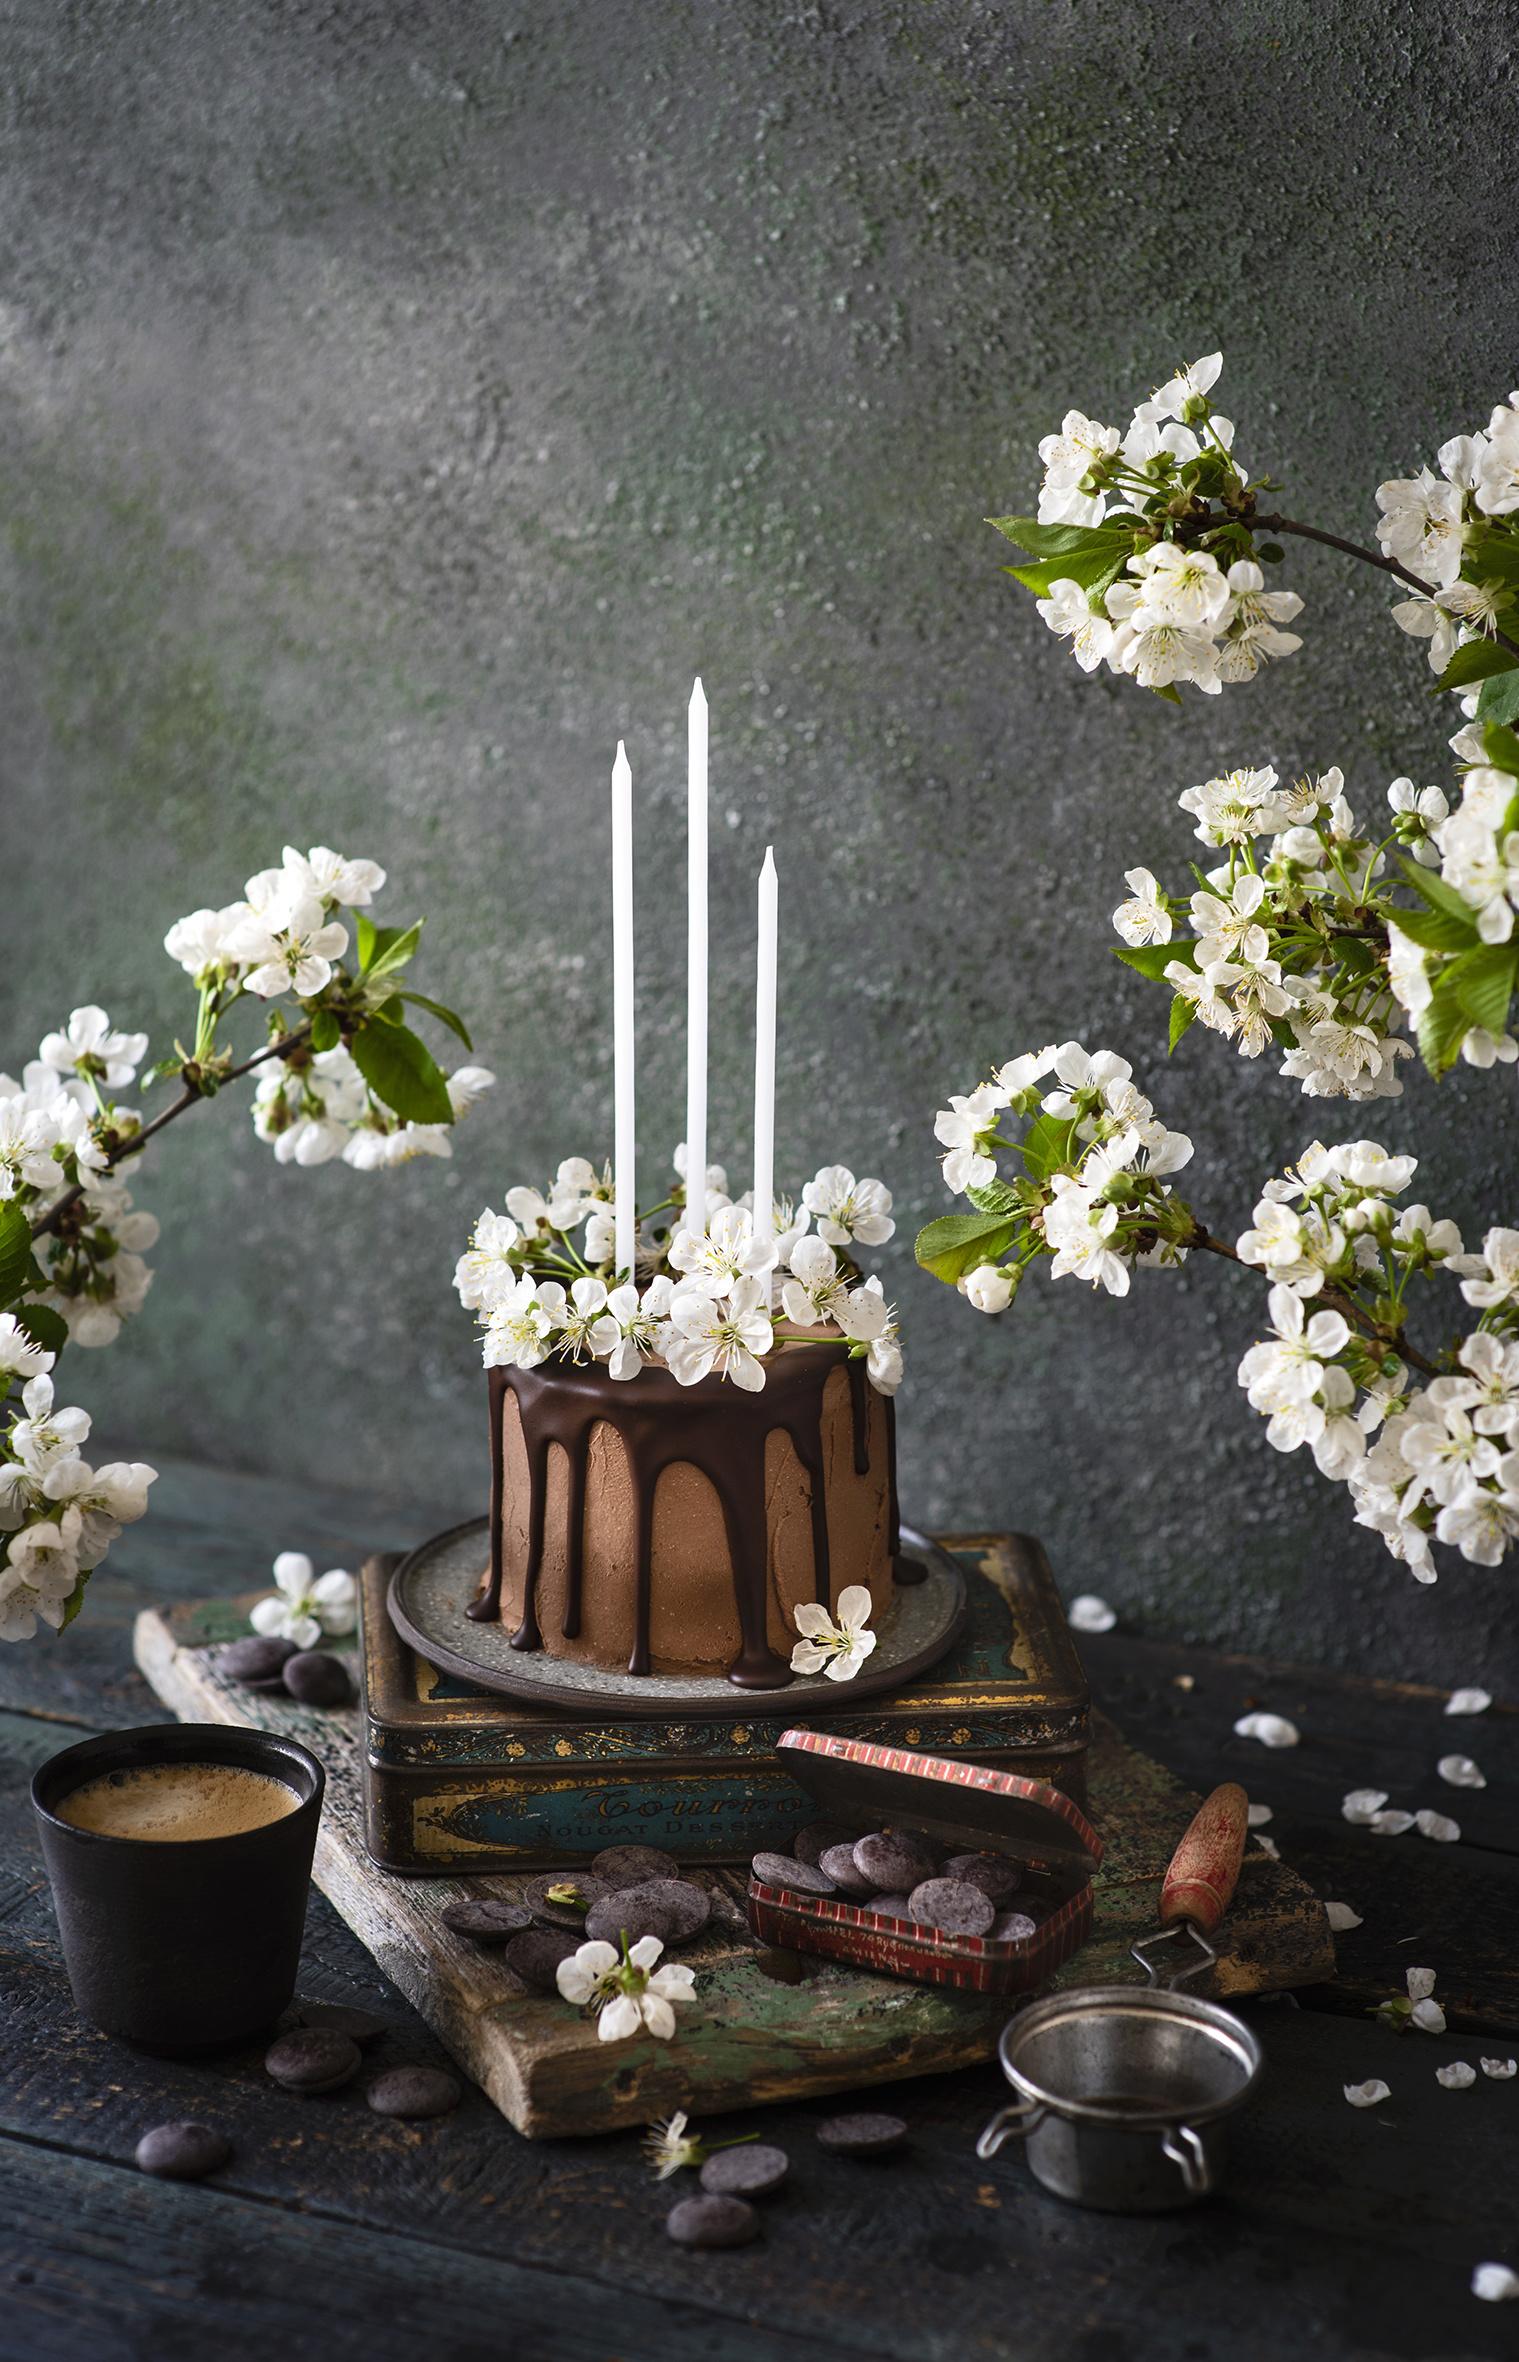 Фото Шоколад Кофе Торты Капучино Стакан Свечи Продукты питания Цветущие деревья  для мобильного телефона стакане стакана Еда Пища